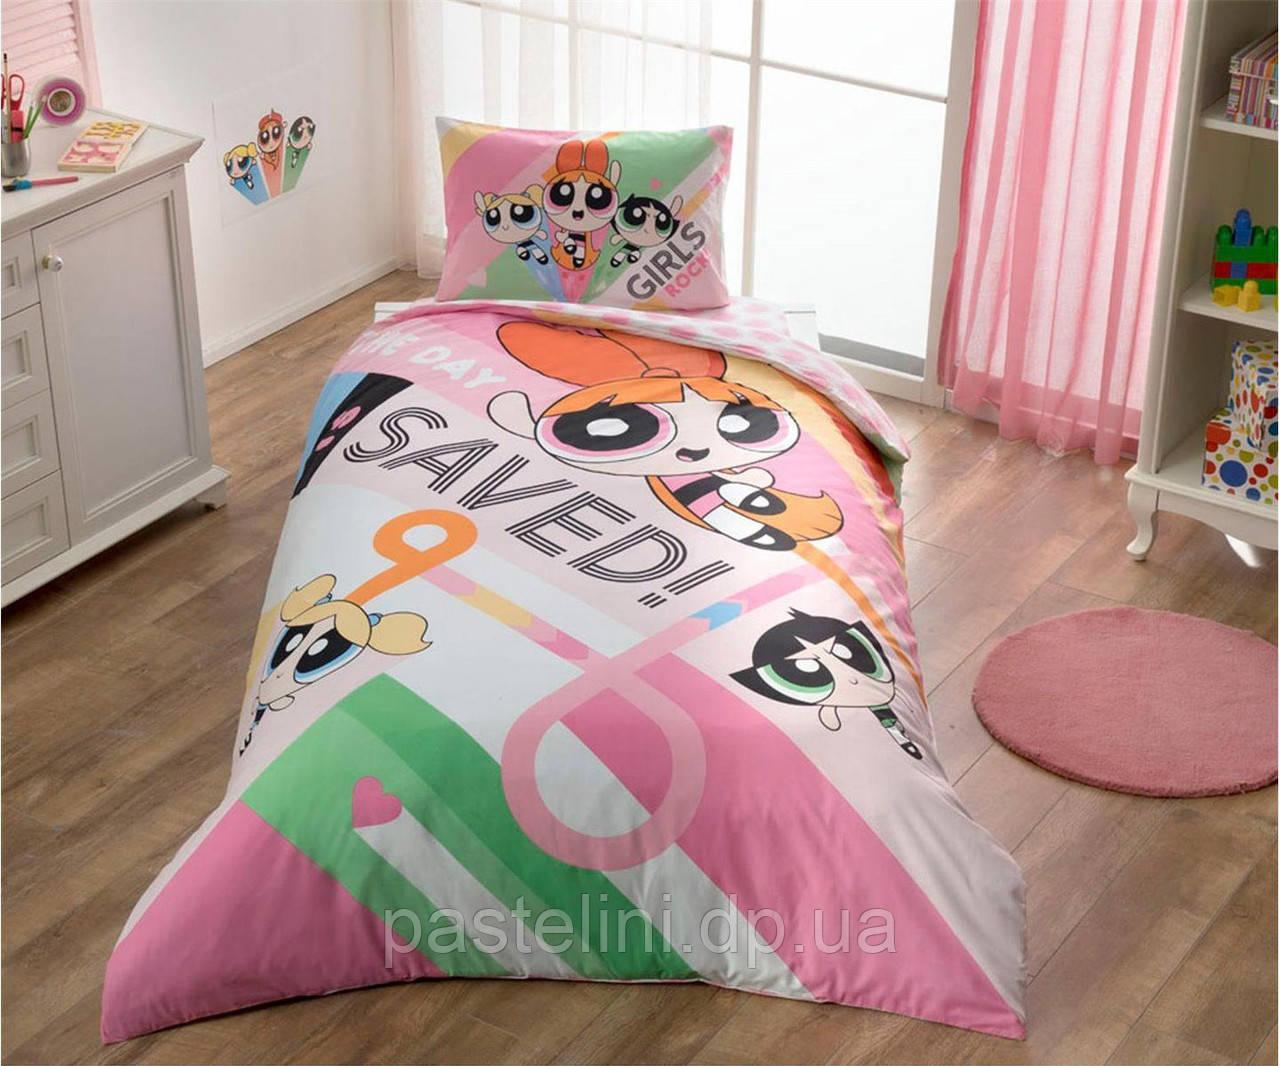 Детское постельное бельё TAC Powerpuff Girls